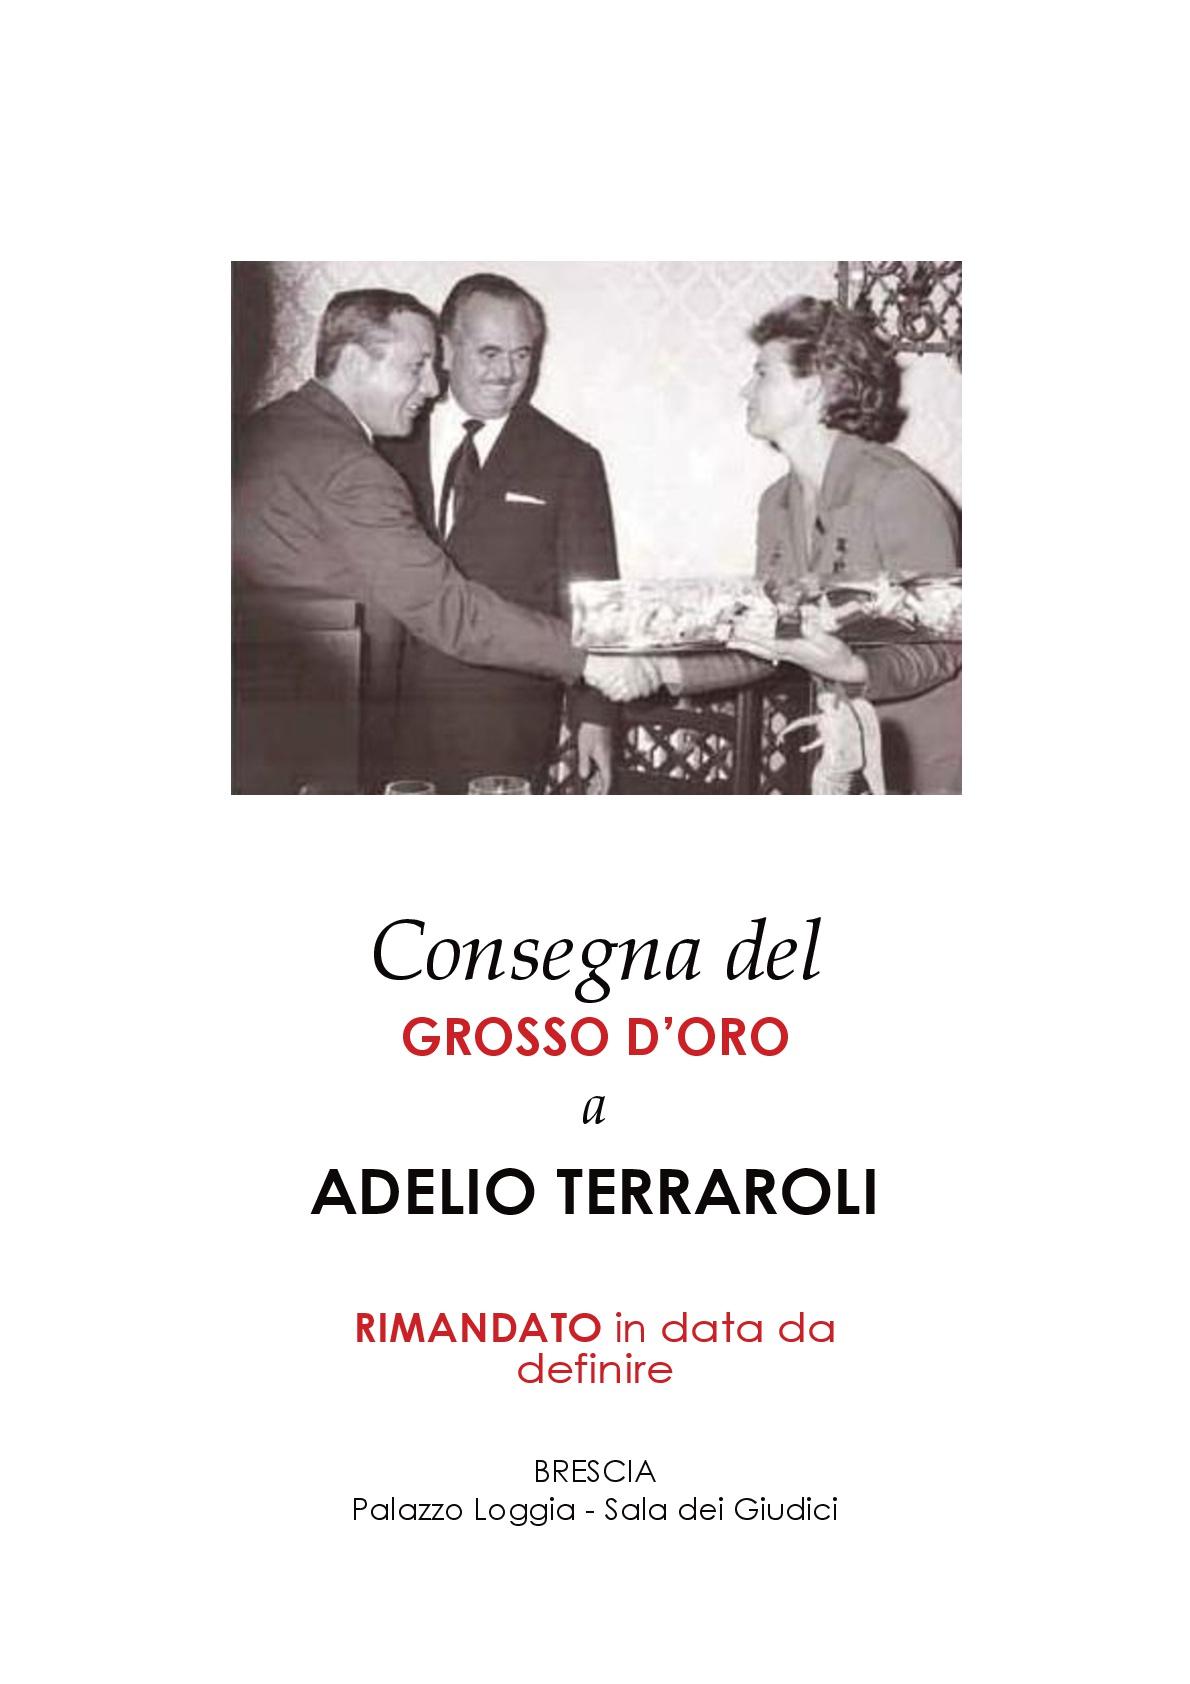 26.05 Grosso d'oro Terraroli-001